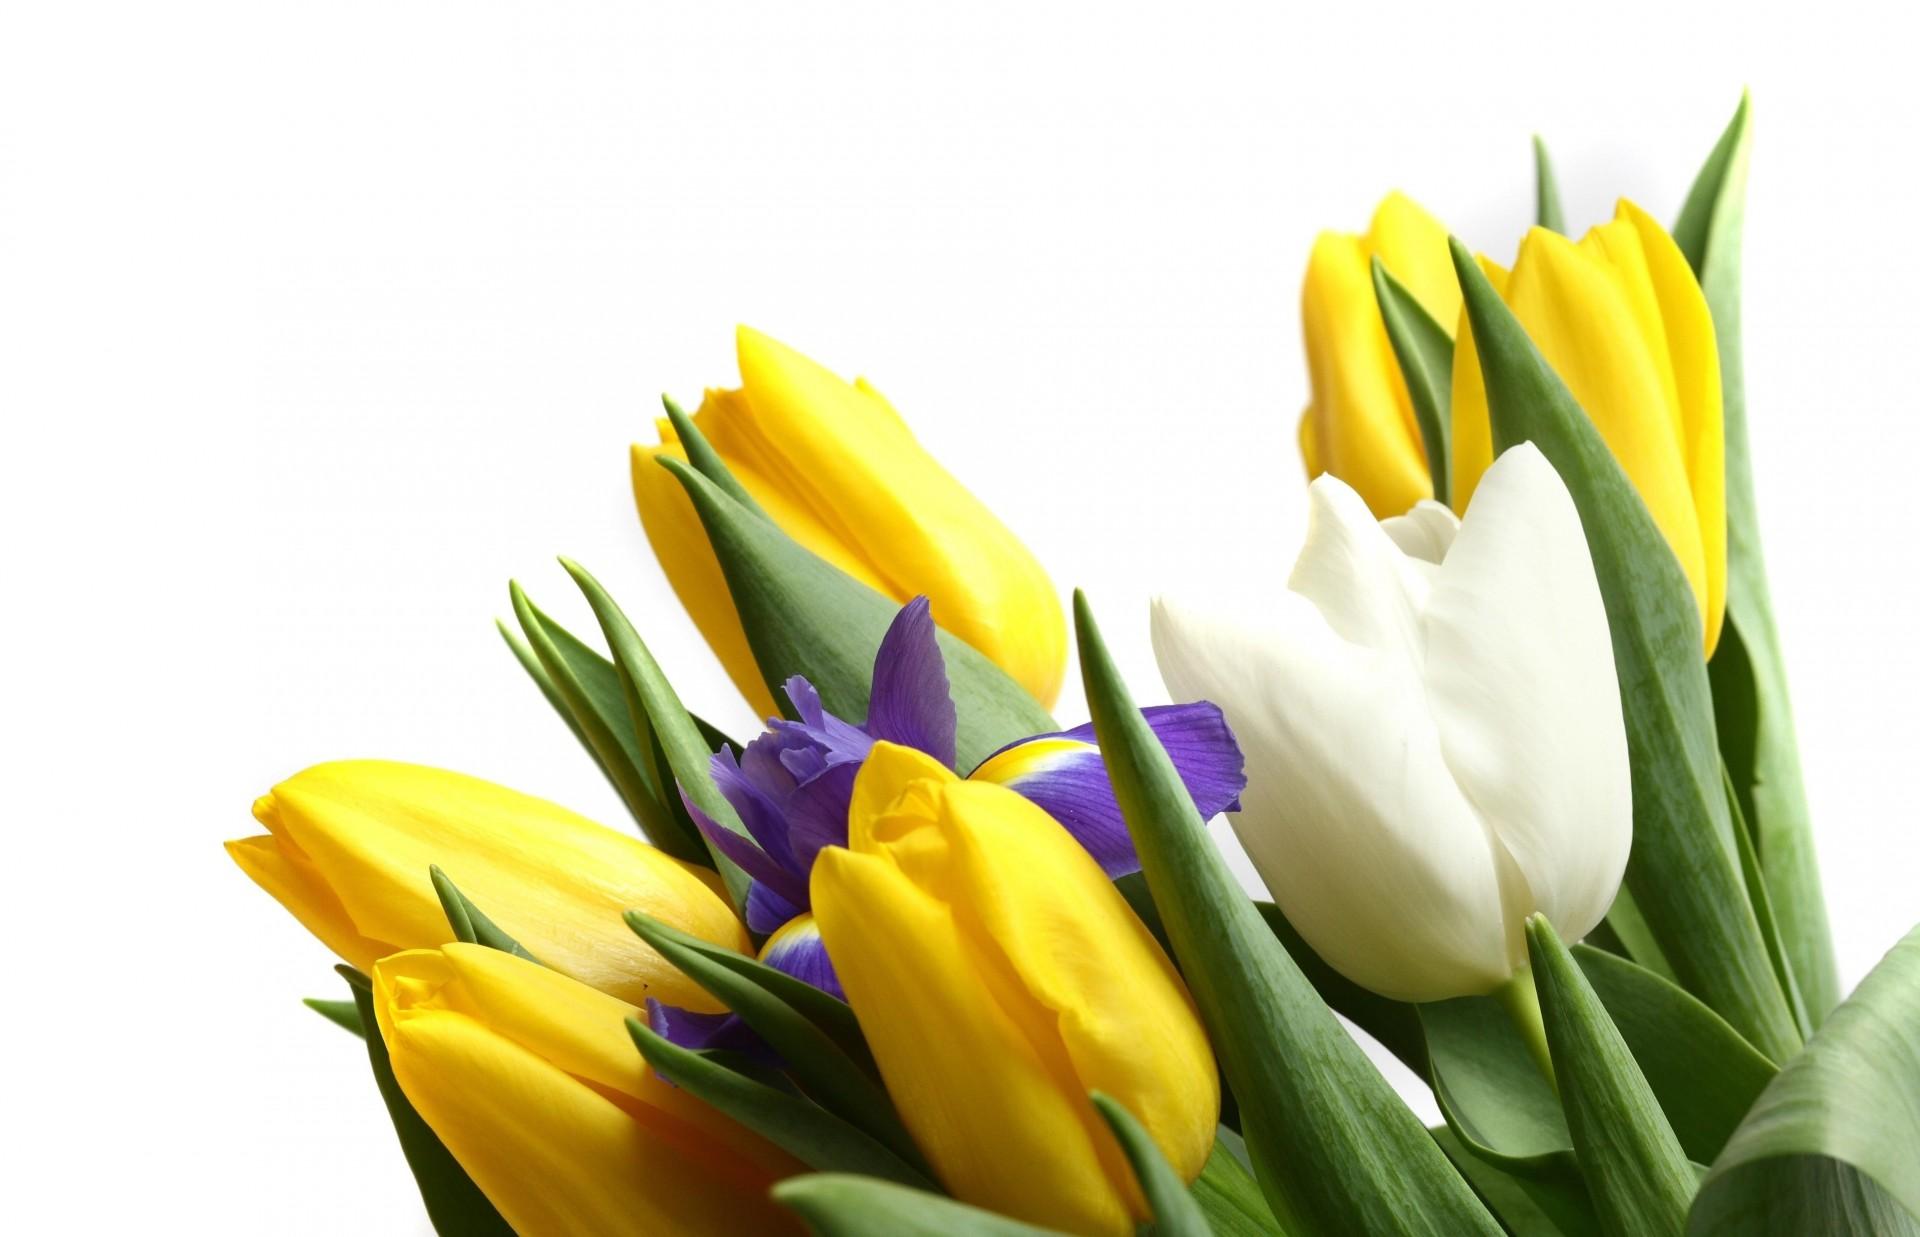 Открытки с тюльпанами без надписей, картинки для